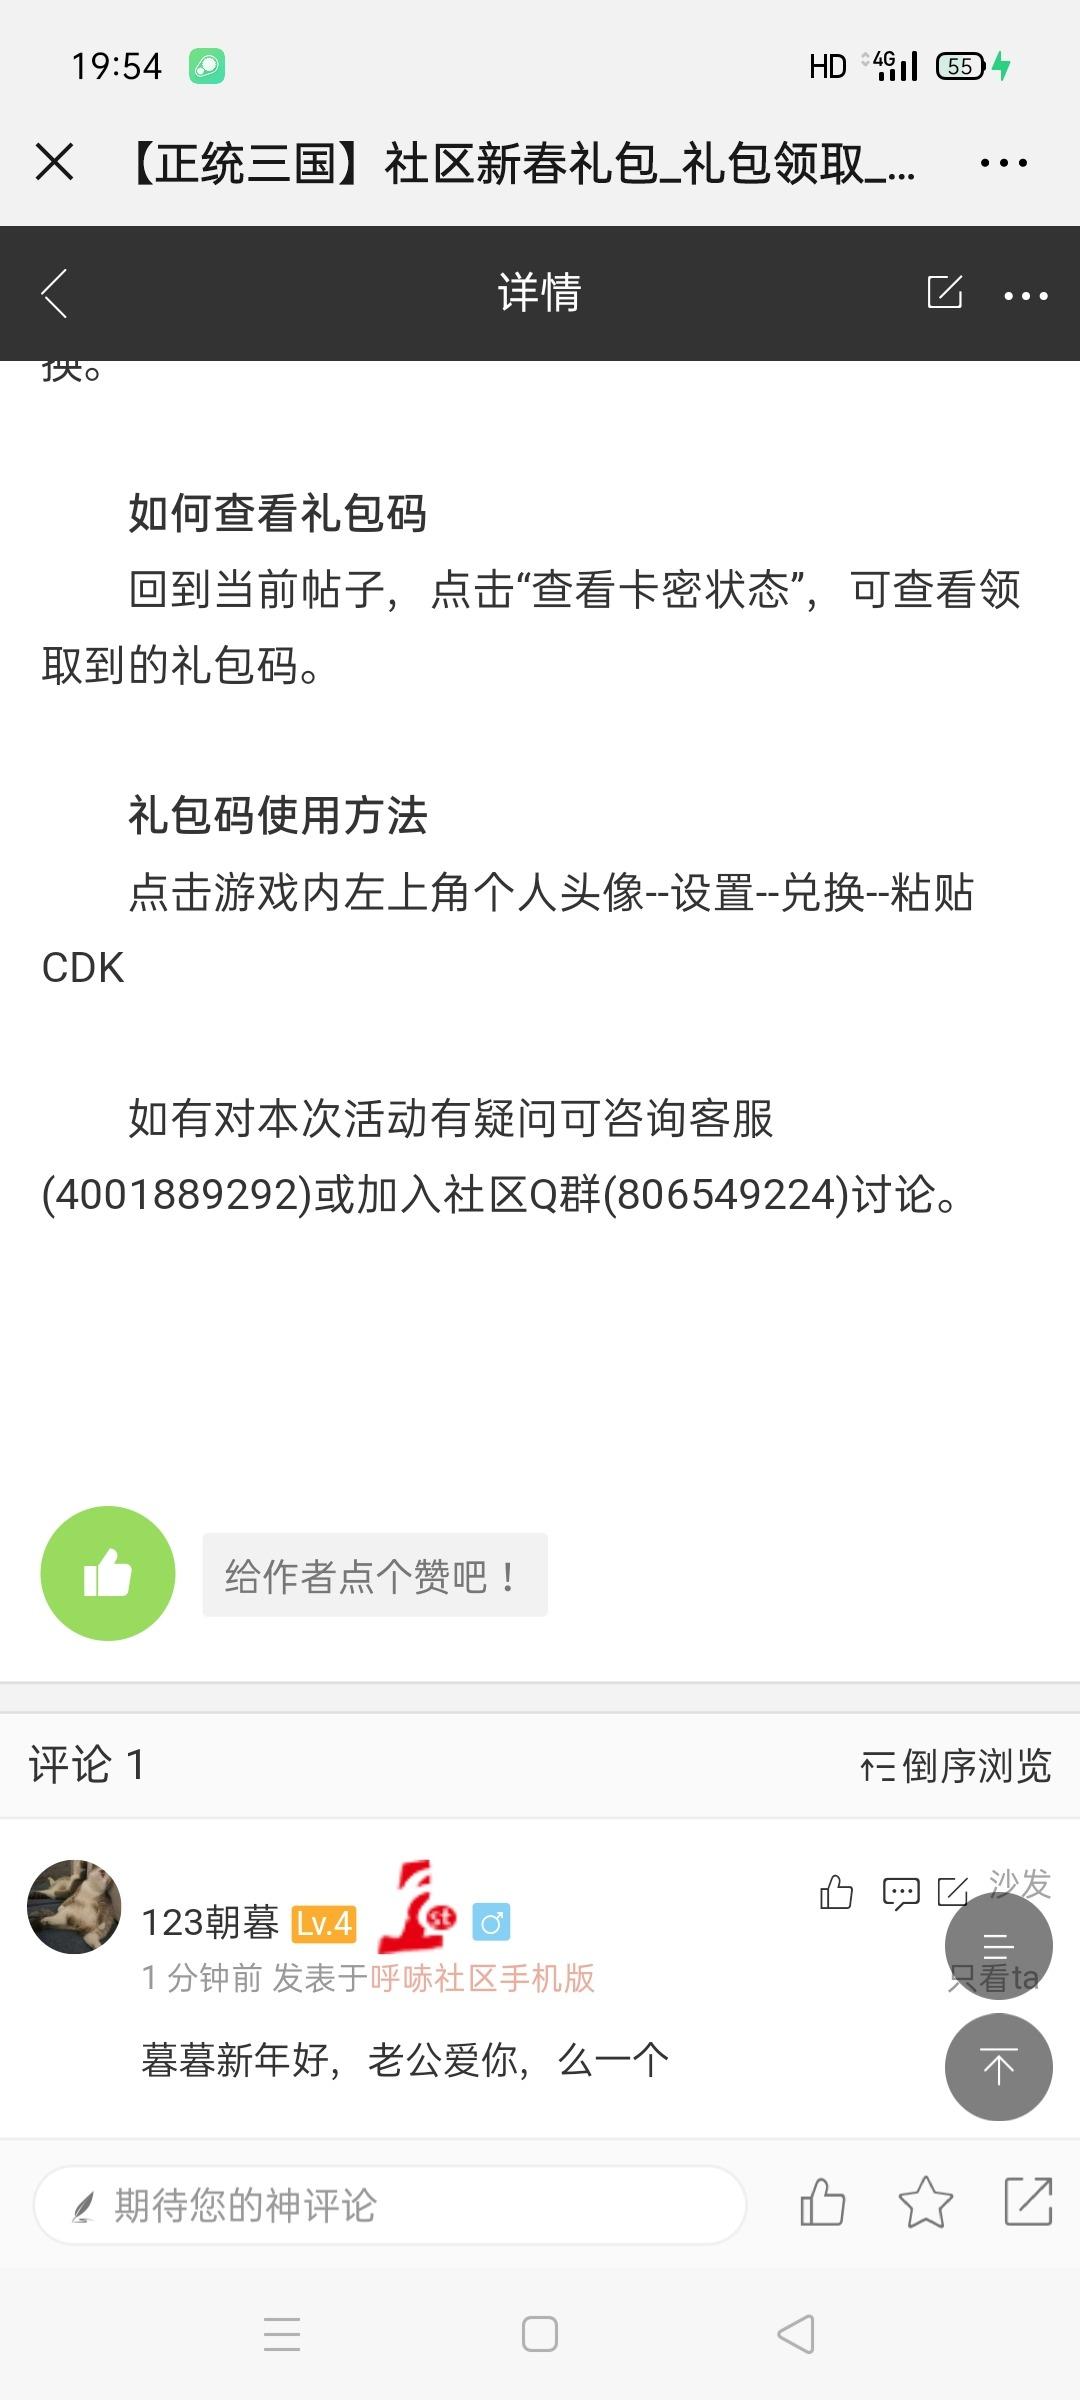 Screenshot_2020-01-19-19-54-04-39.jpg